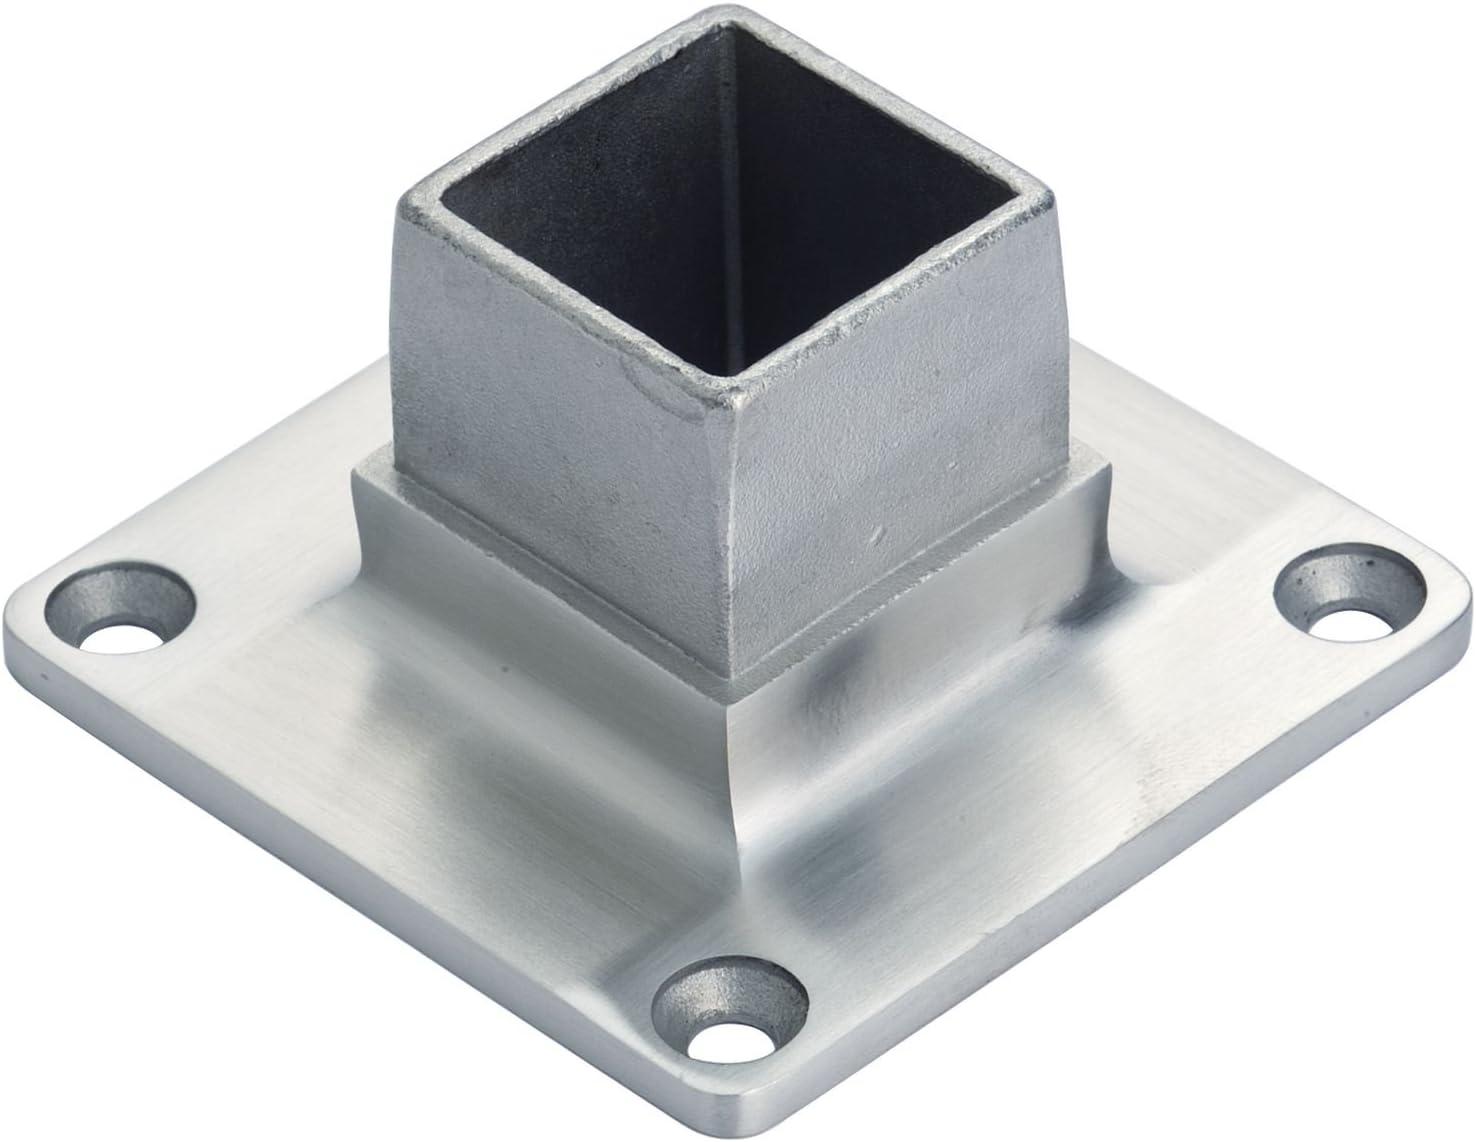 croso de pared y suelo Brida para conector Tubo cuadrado 40x 40x 2,0mm, acero inoxidable V4A, 1pieza, 102201160